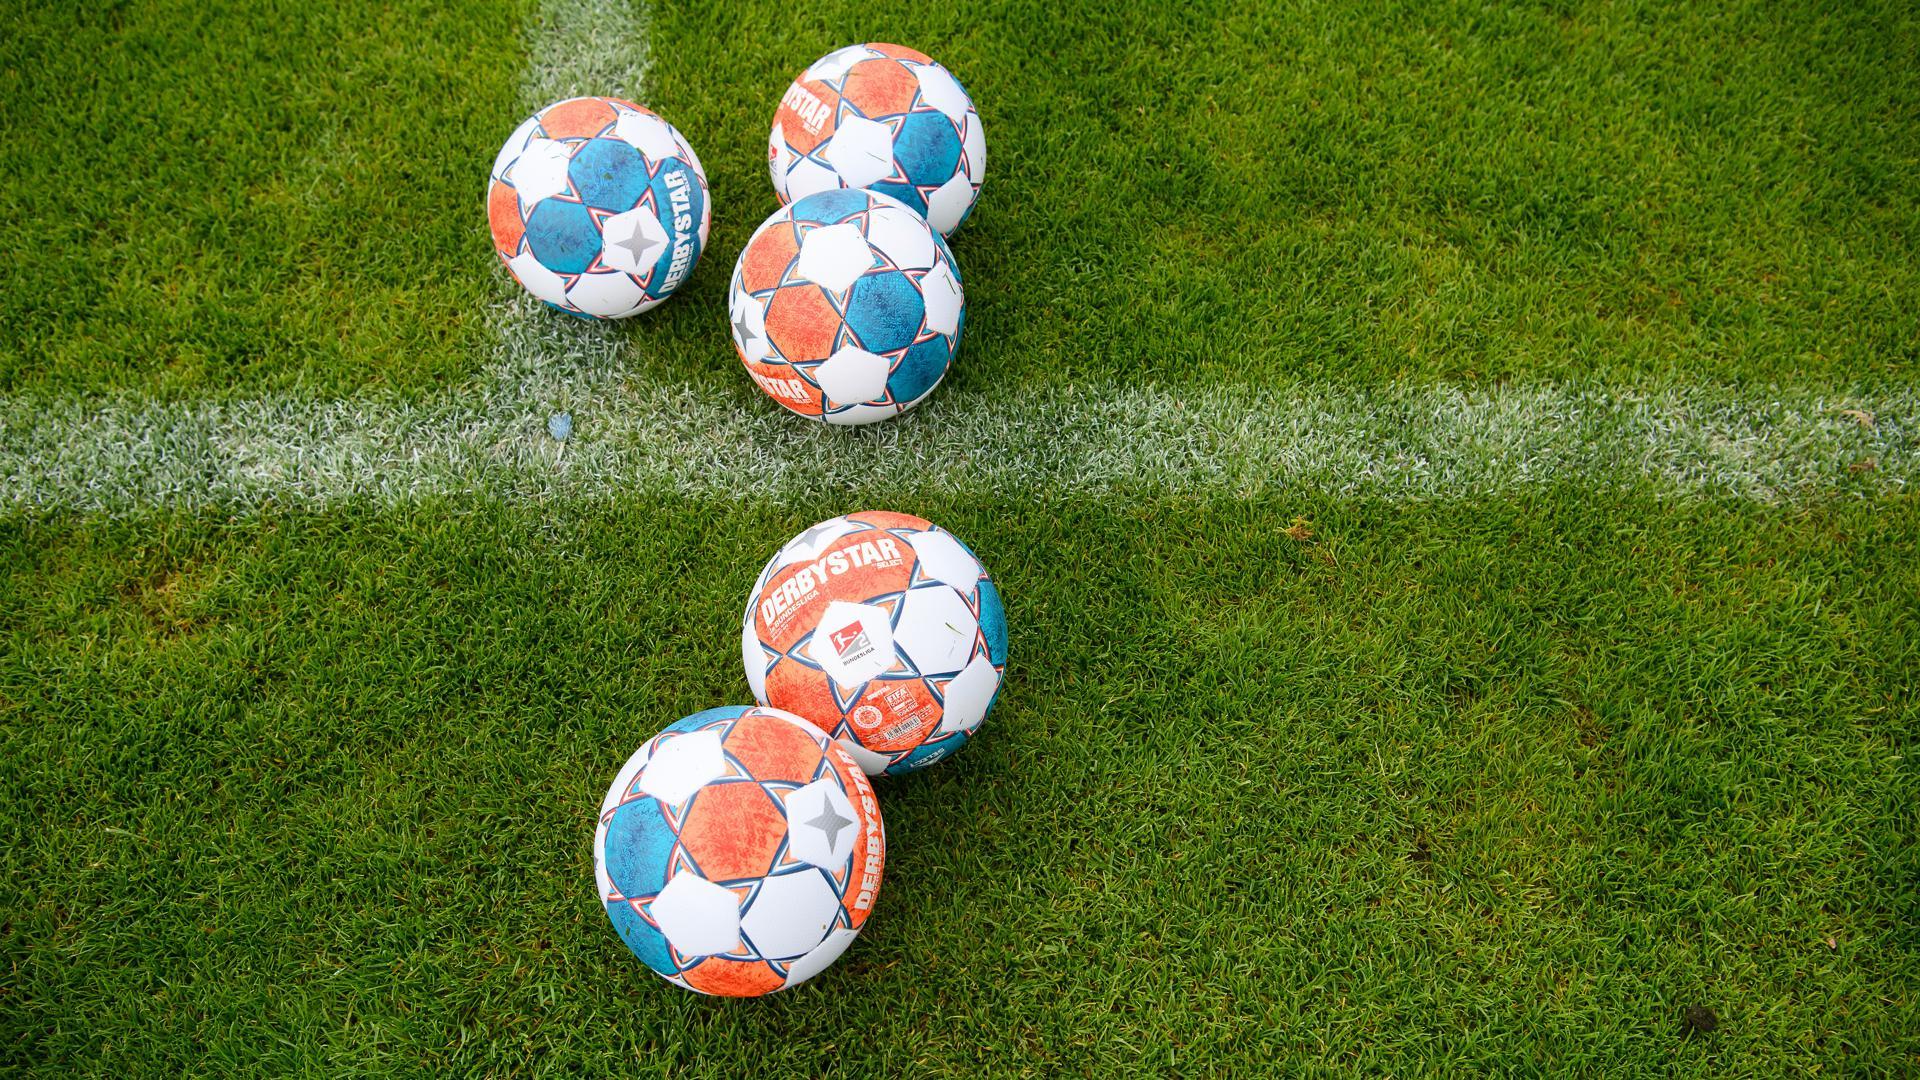 Feature: Spielbaelle Derbystar. Vormittagstraining. GES/ Fussball/ 2. Bundesliga: Karlsruher SC - Trainingslager, 09.07.2021  Football/Soccer: 2. Bundesliga: KSC Trainingscamp, Neukirchen, July 9, 2021